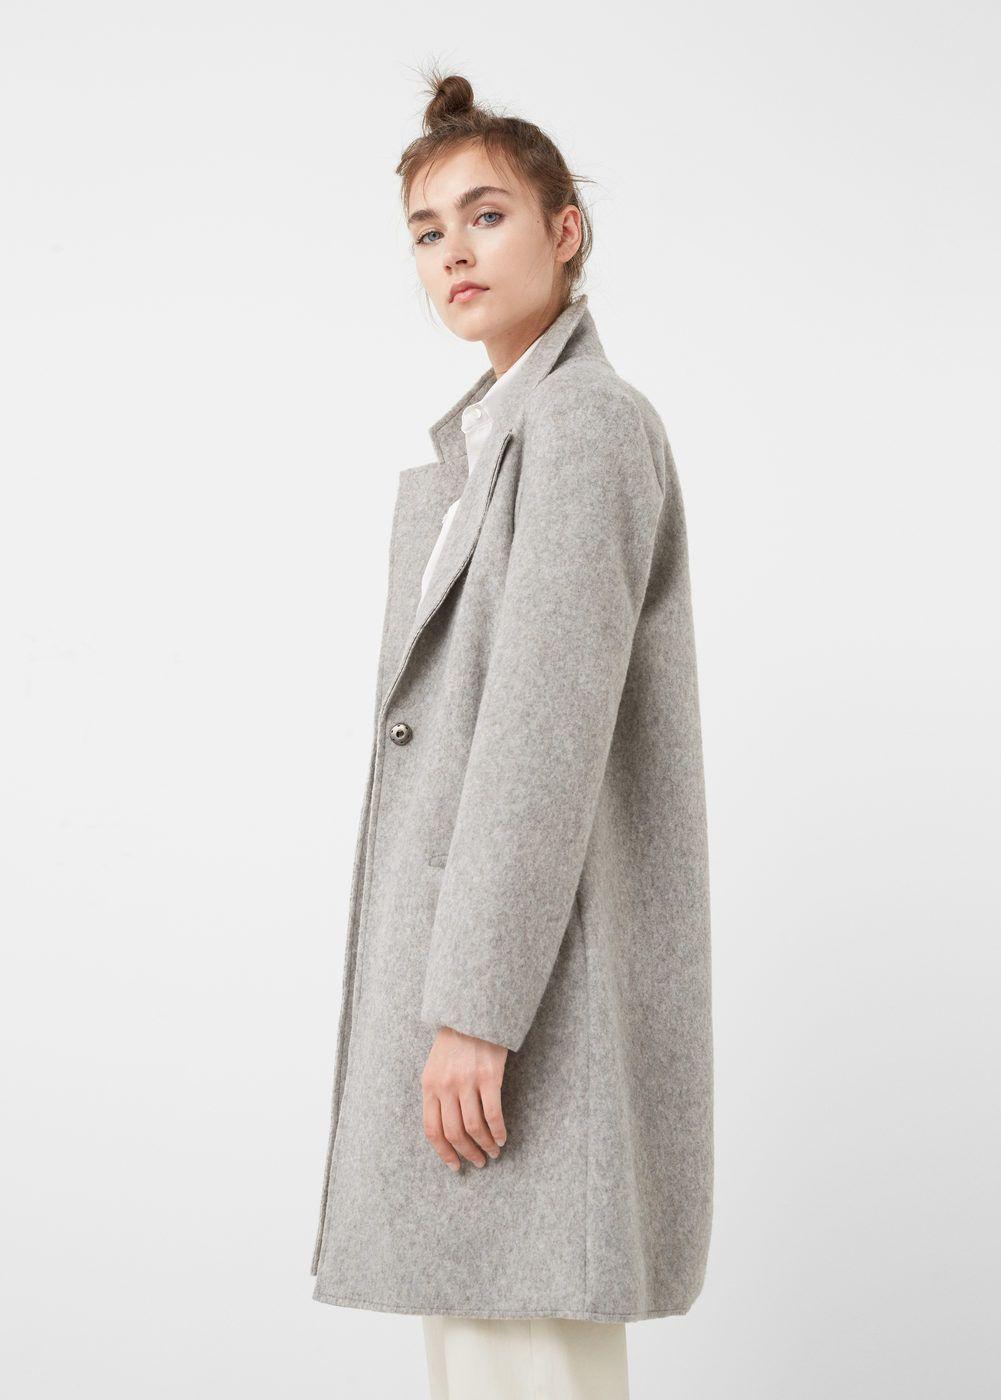 85ec5c5666bf4 Abrigo lana textura - Abrigos de Mujer